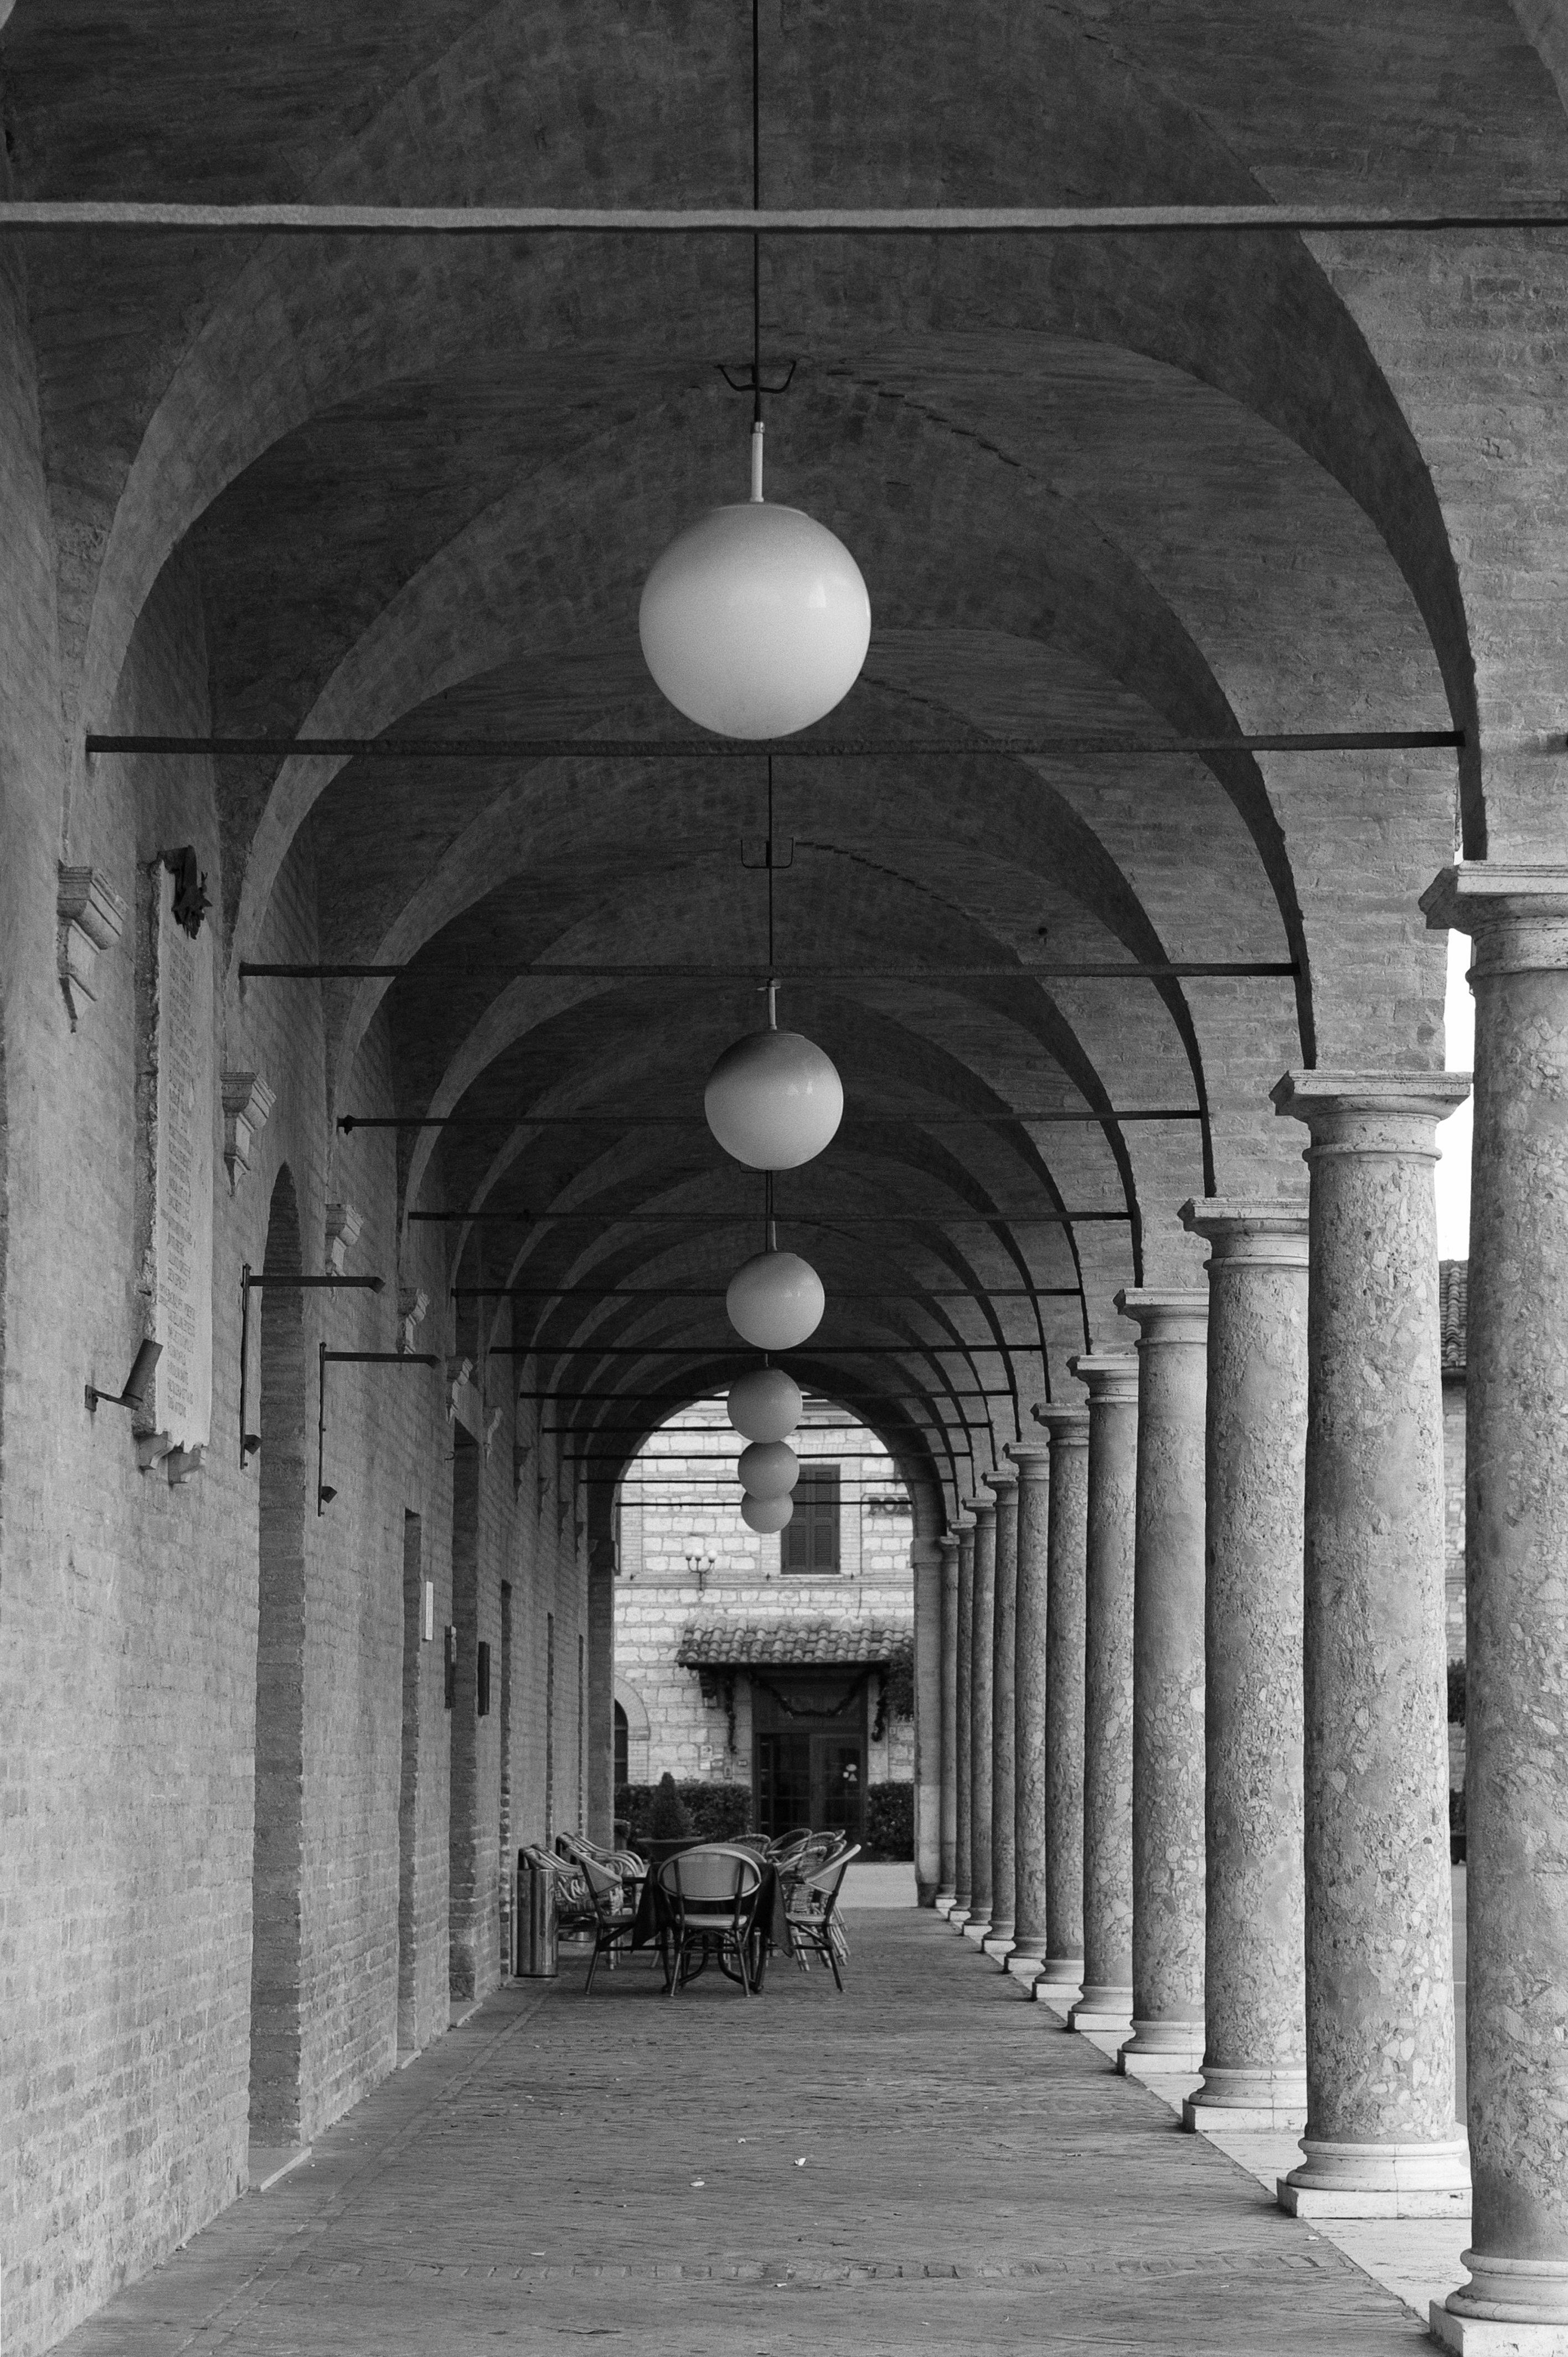 #Assisi #Center #Santa Maria degli Angeli  Palazzo del Capitano, Santa Maria degli Angeli